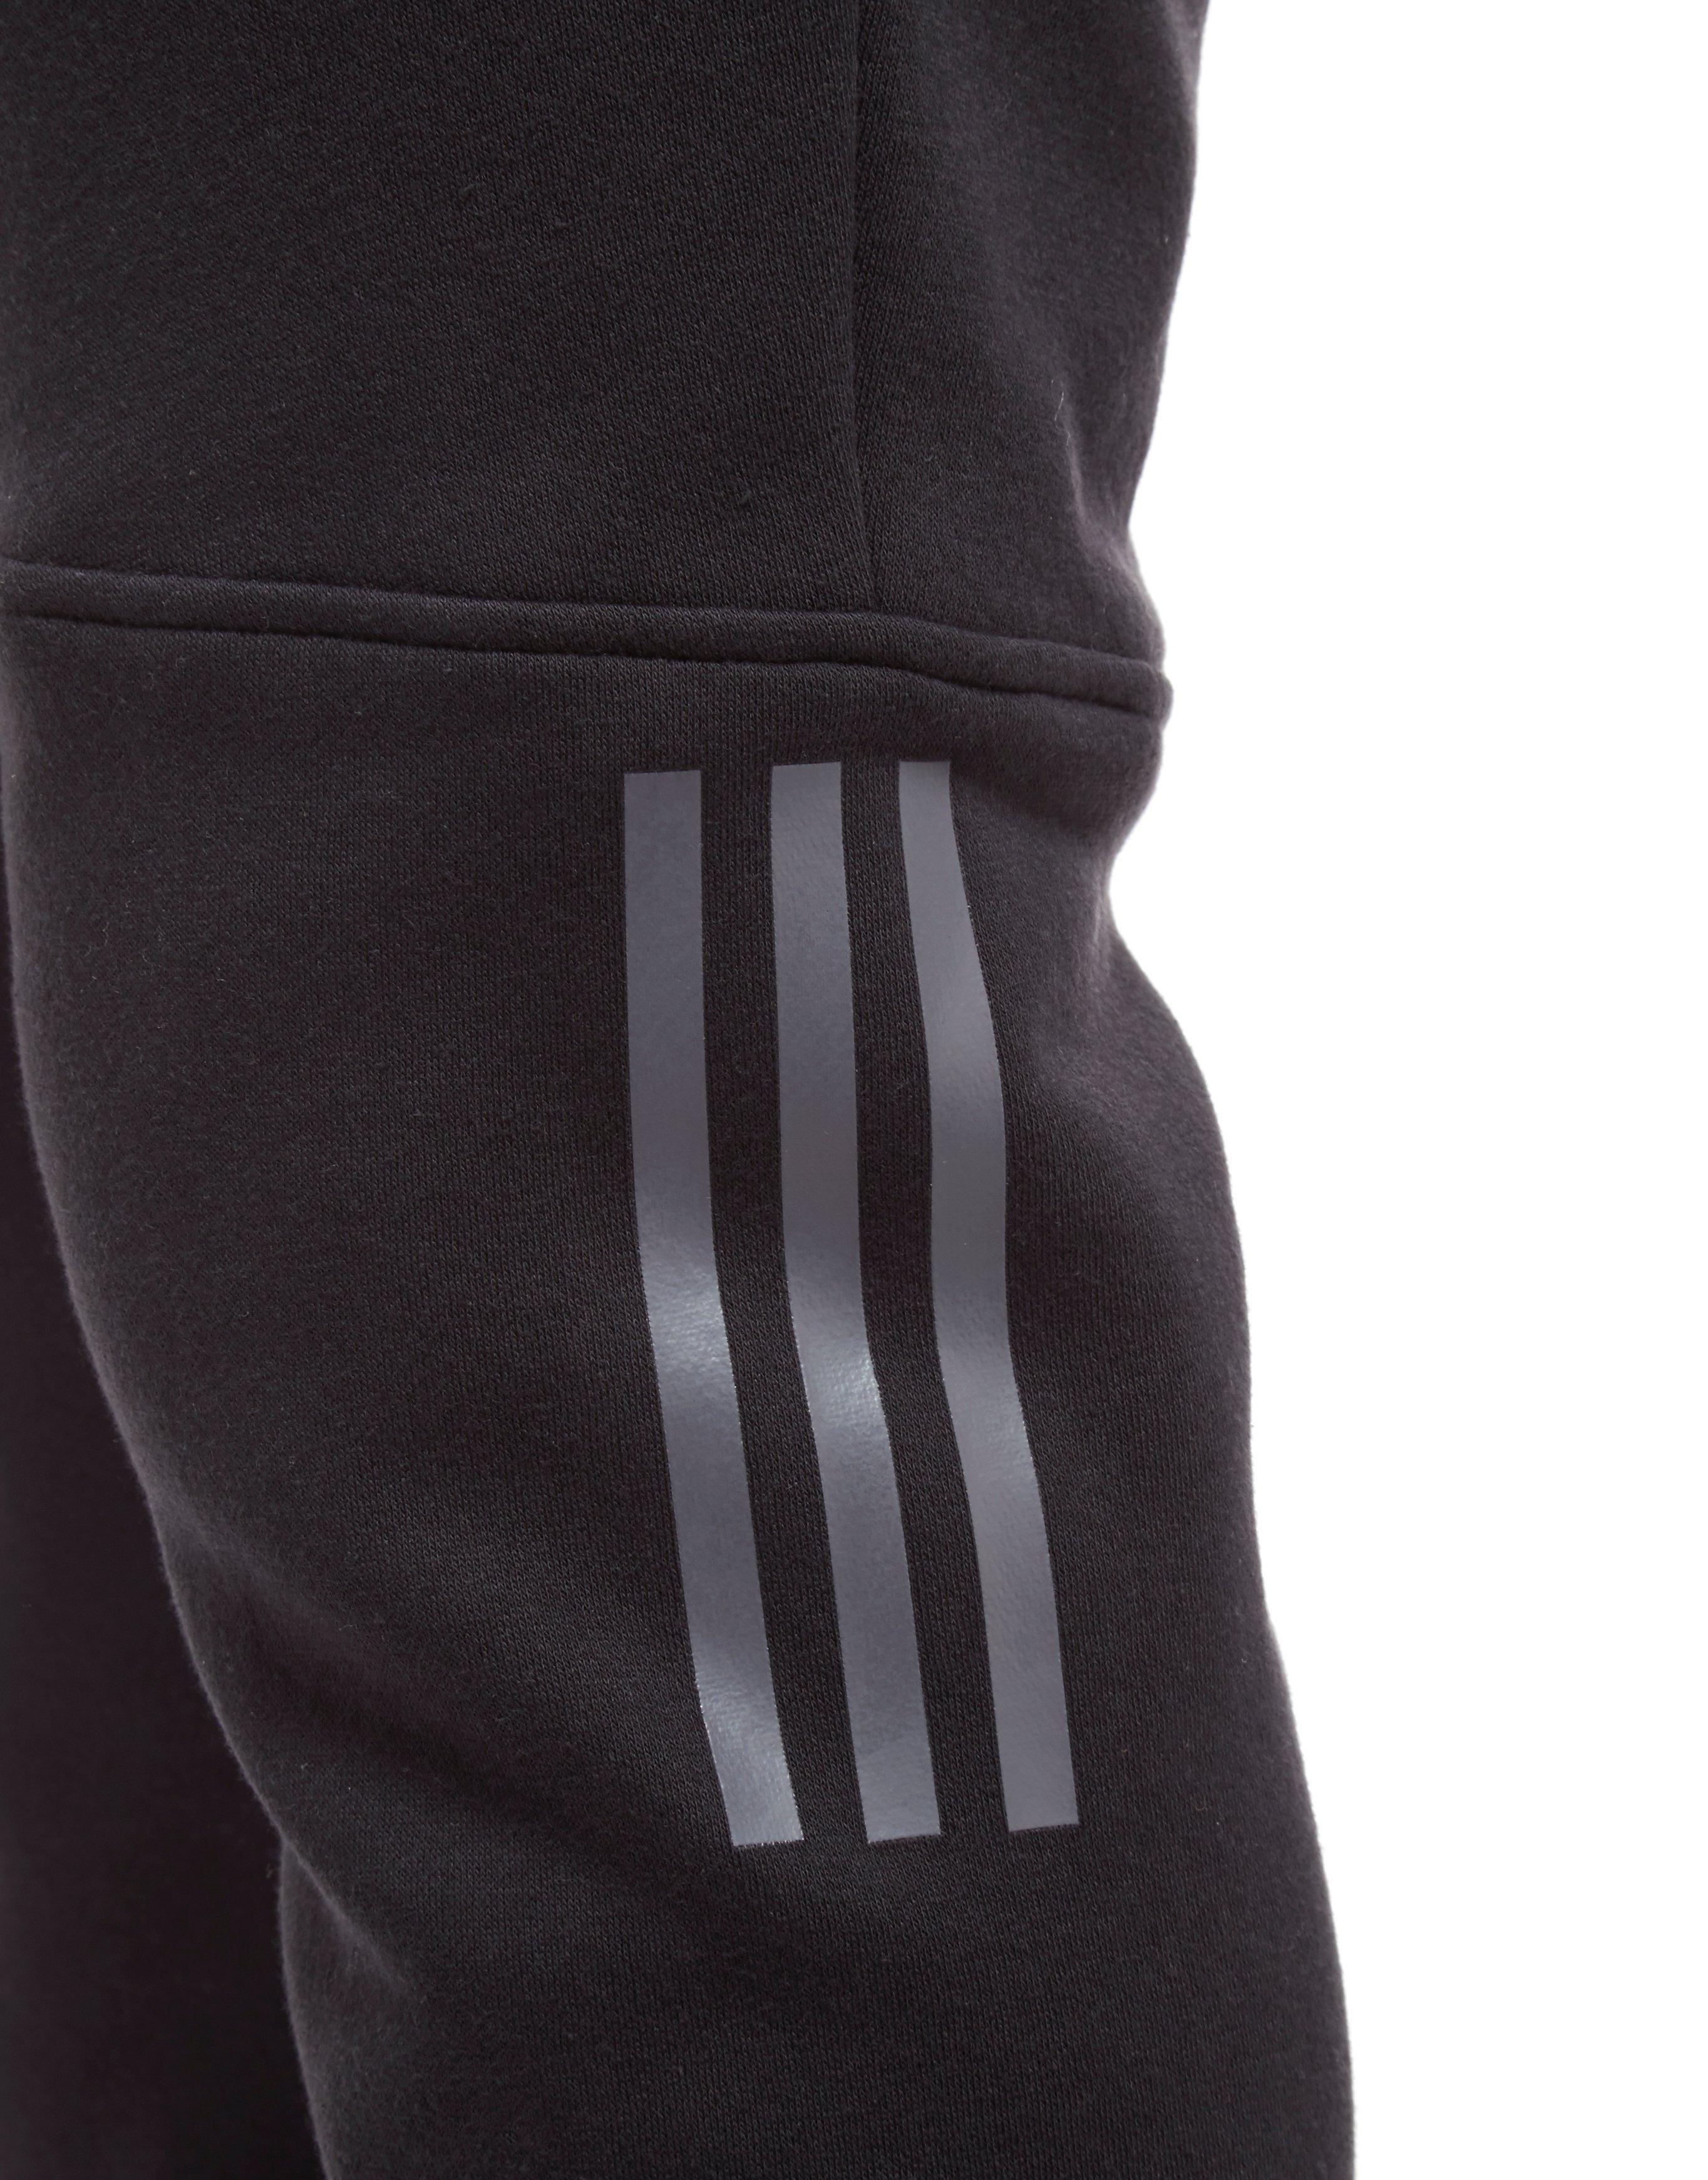 new product 3e5a9 7d0d8 adidas-Black-Linear-Fleece-Pants.jpeg